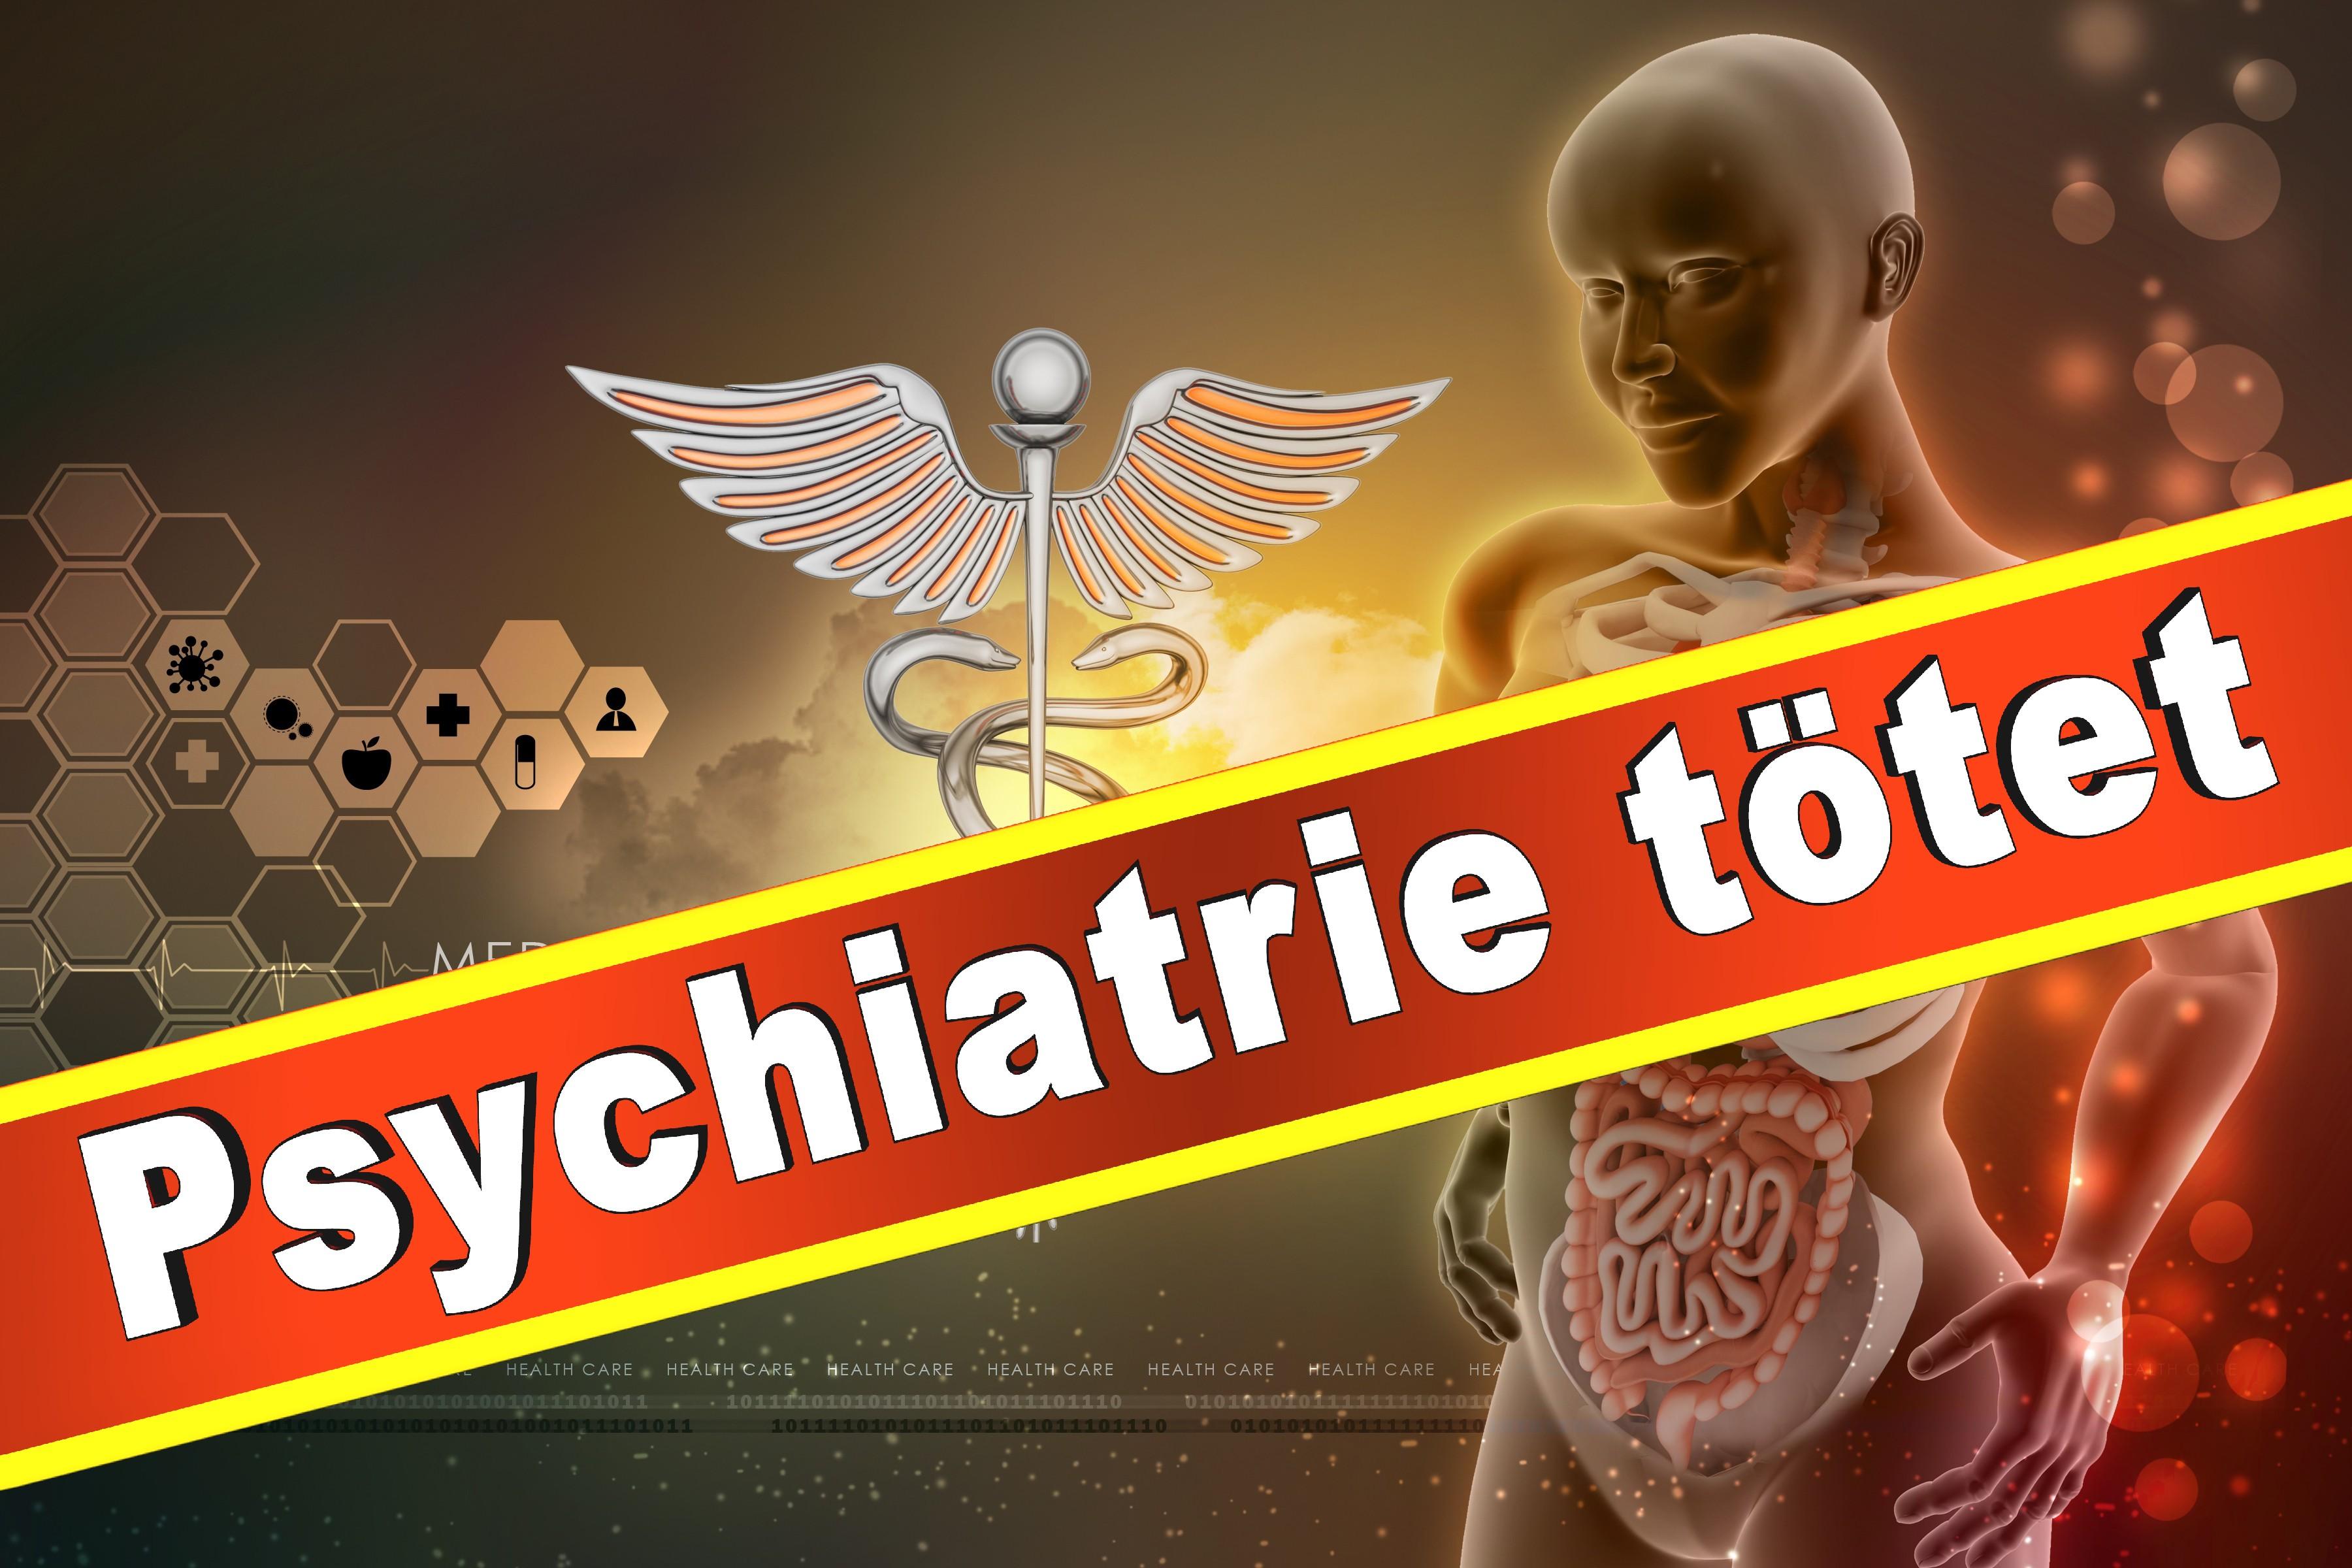 Wielant Machleidt Psychiater Psychotherapeut Professor Praxis Der Interkulturellen Psychiatrie Und Psychotherapie (35)